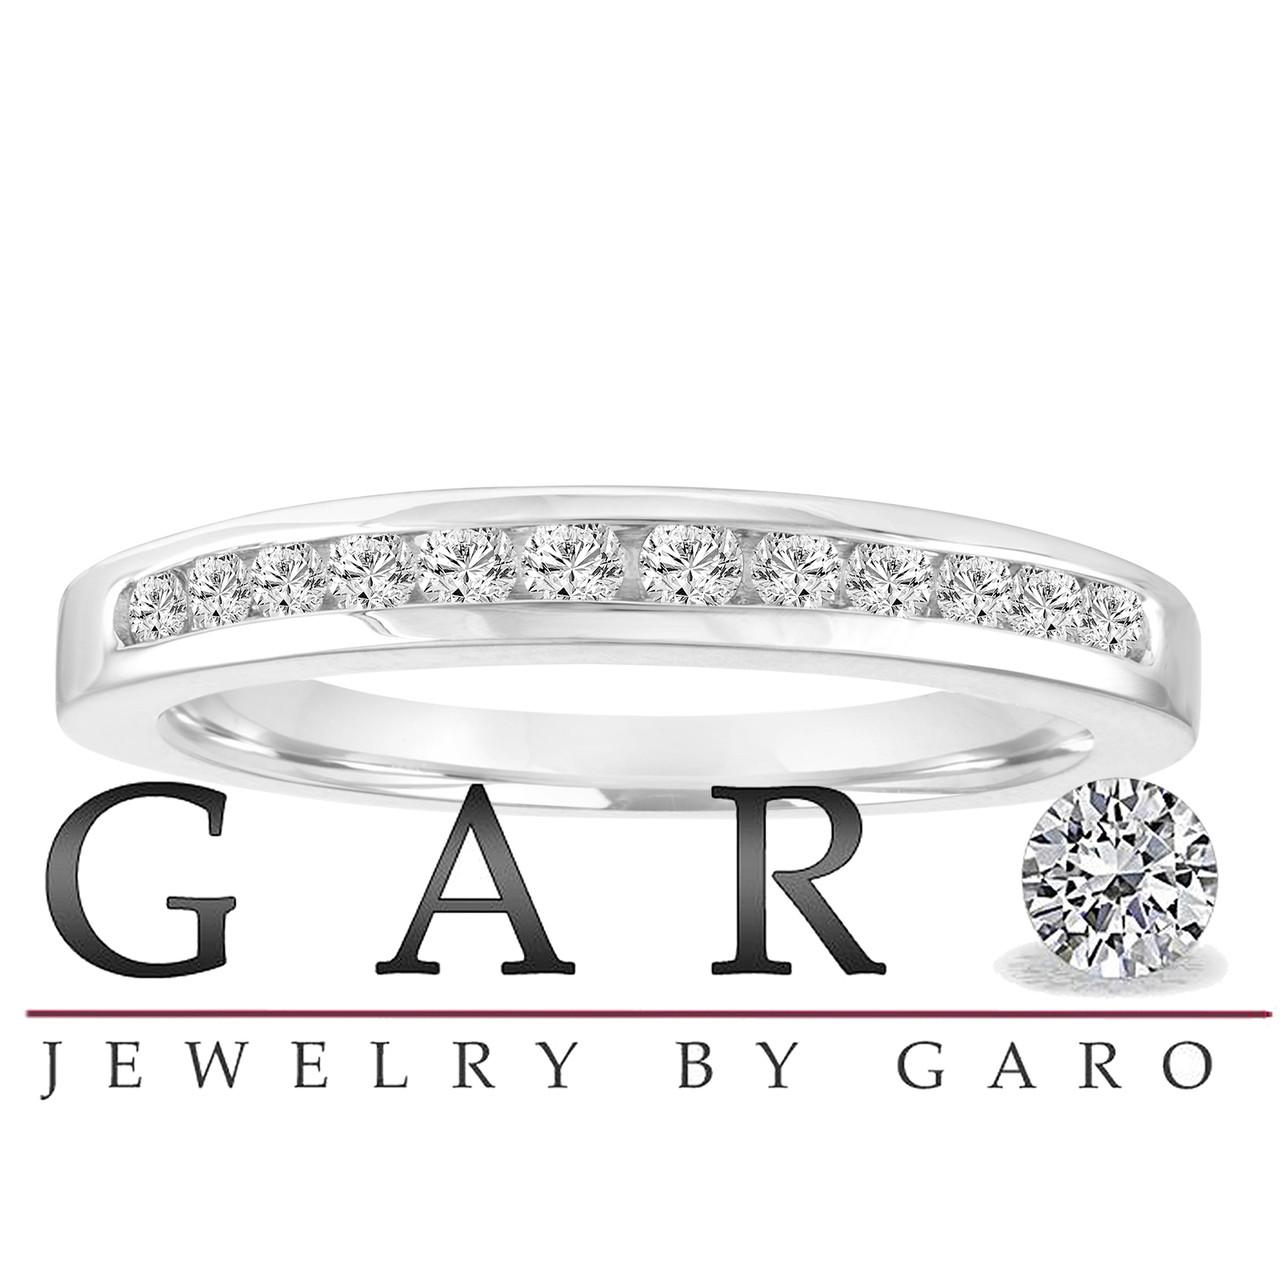 Larger More Photos: Gar Diamond Wedding Rings Women At Websimilar.org